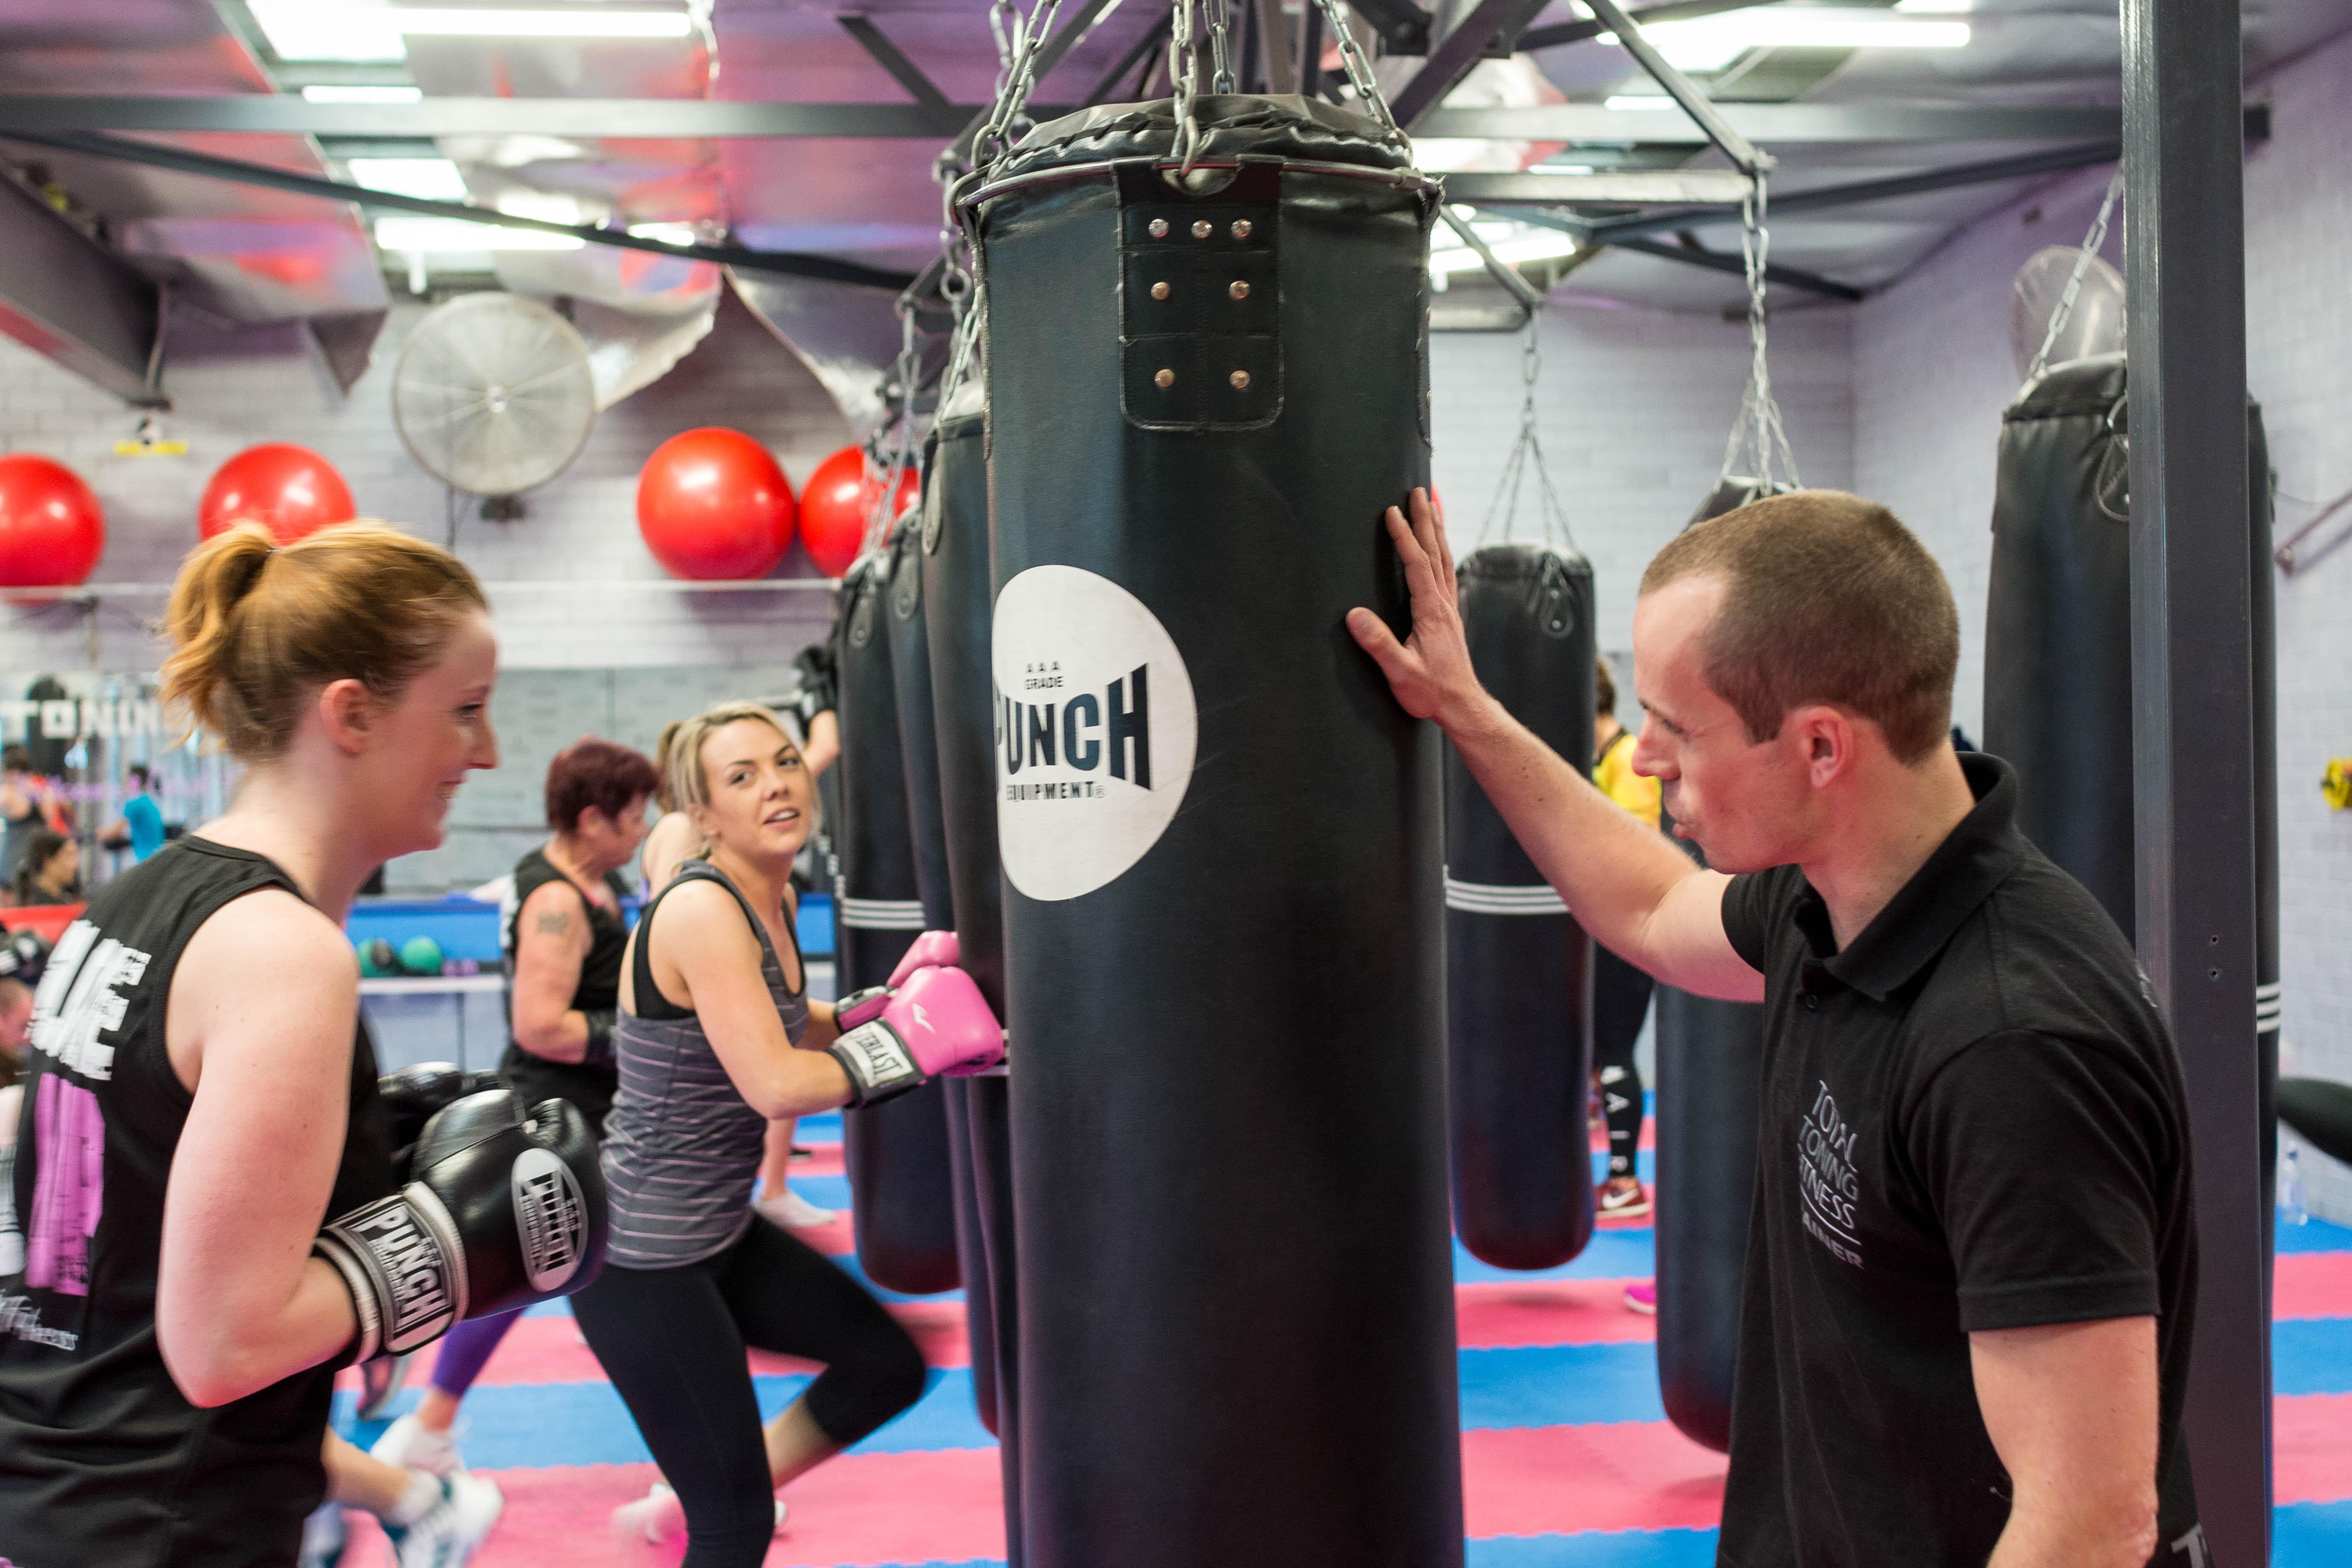 Kickboxing class - helpful trainers